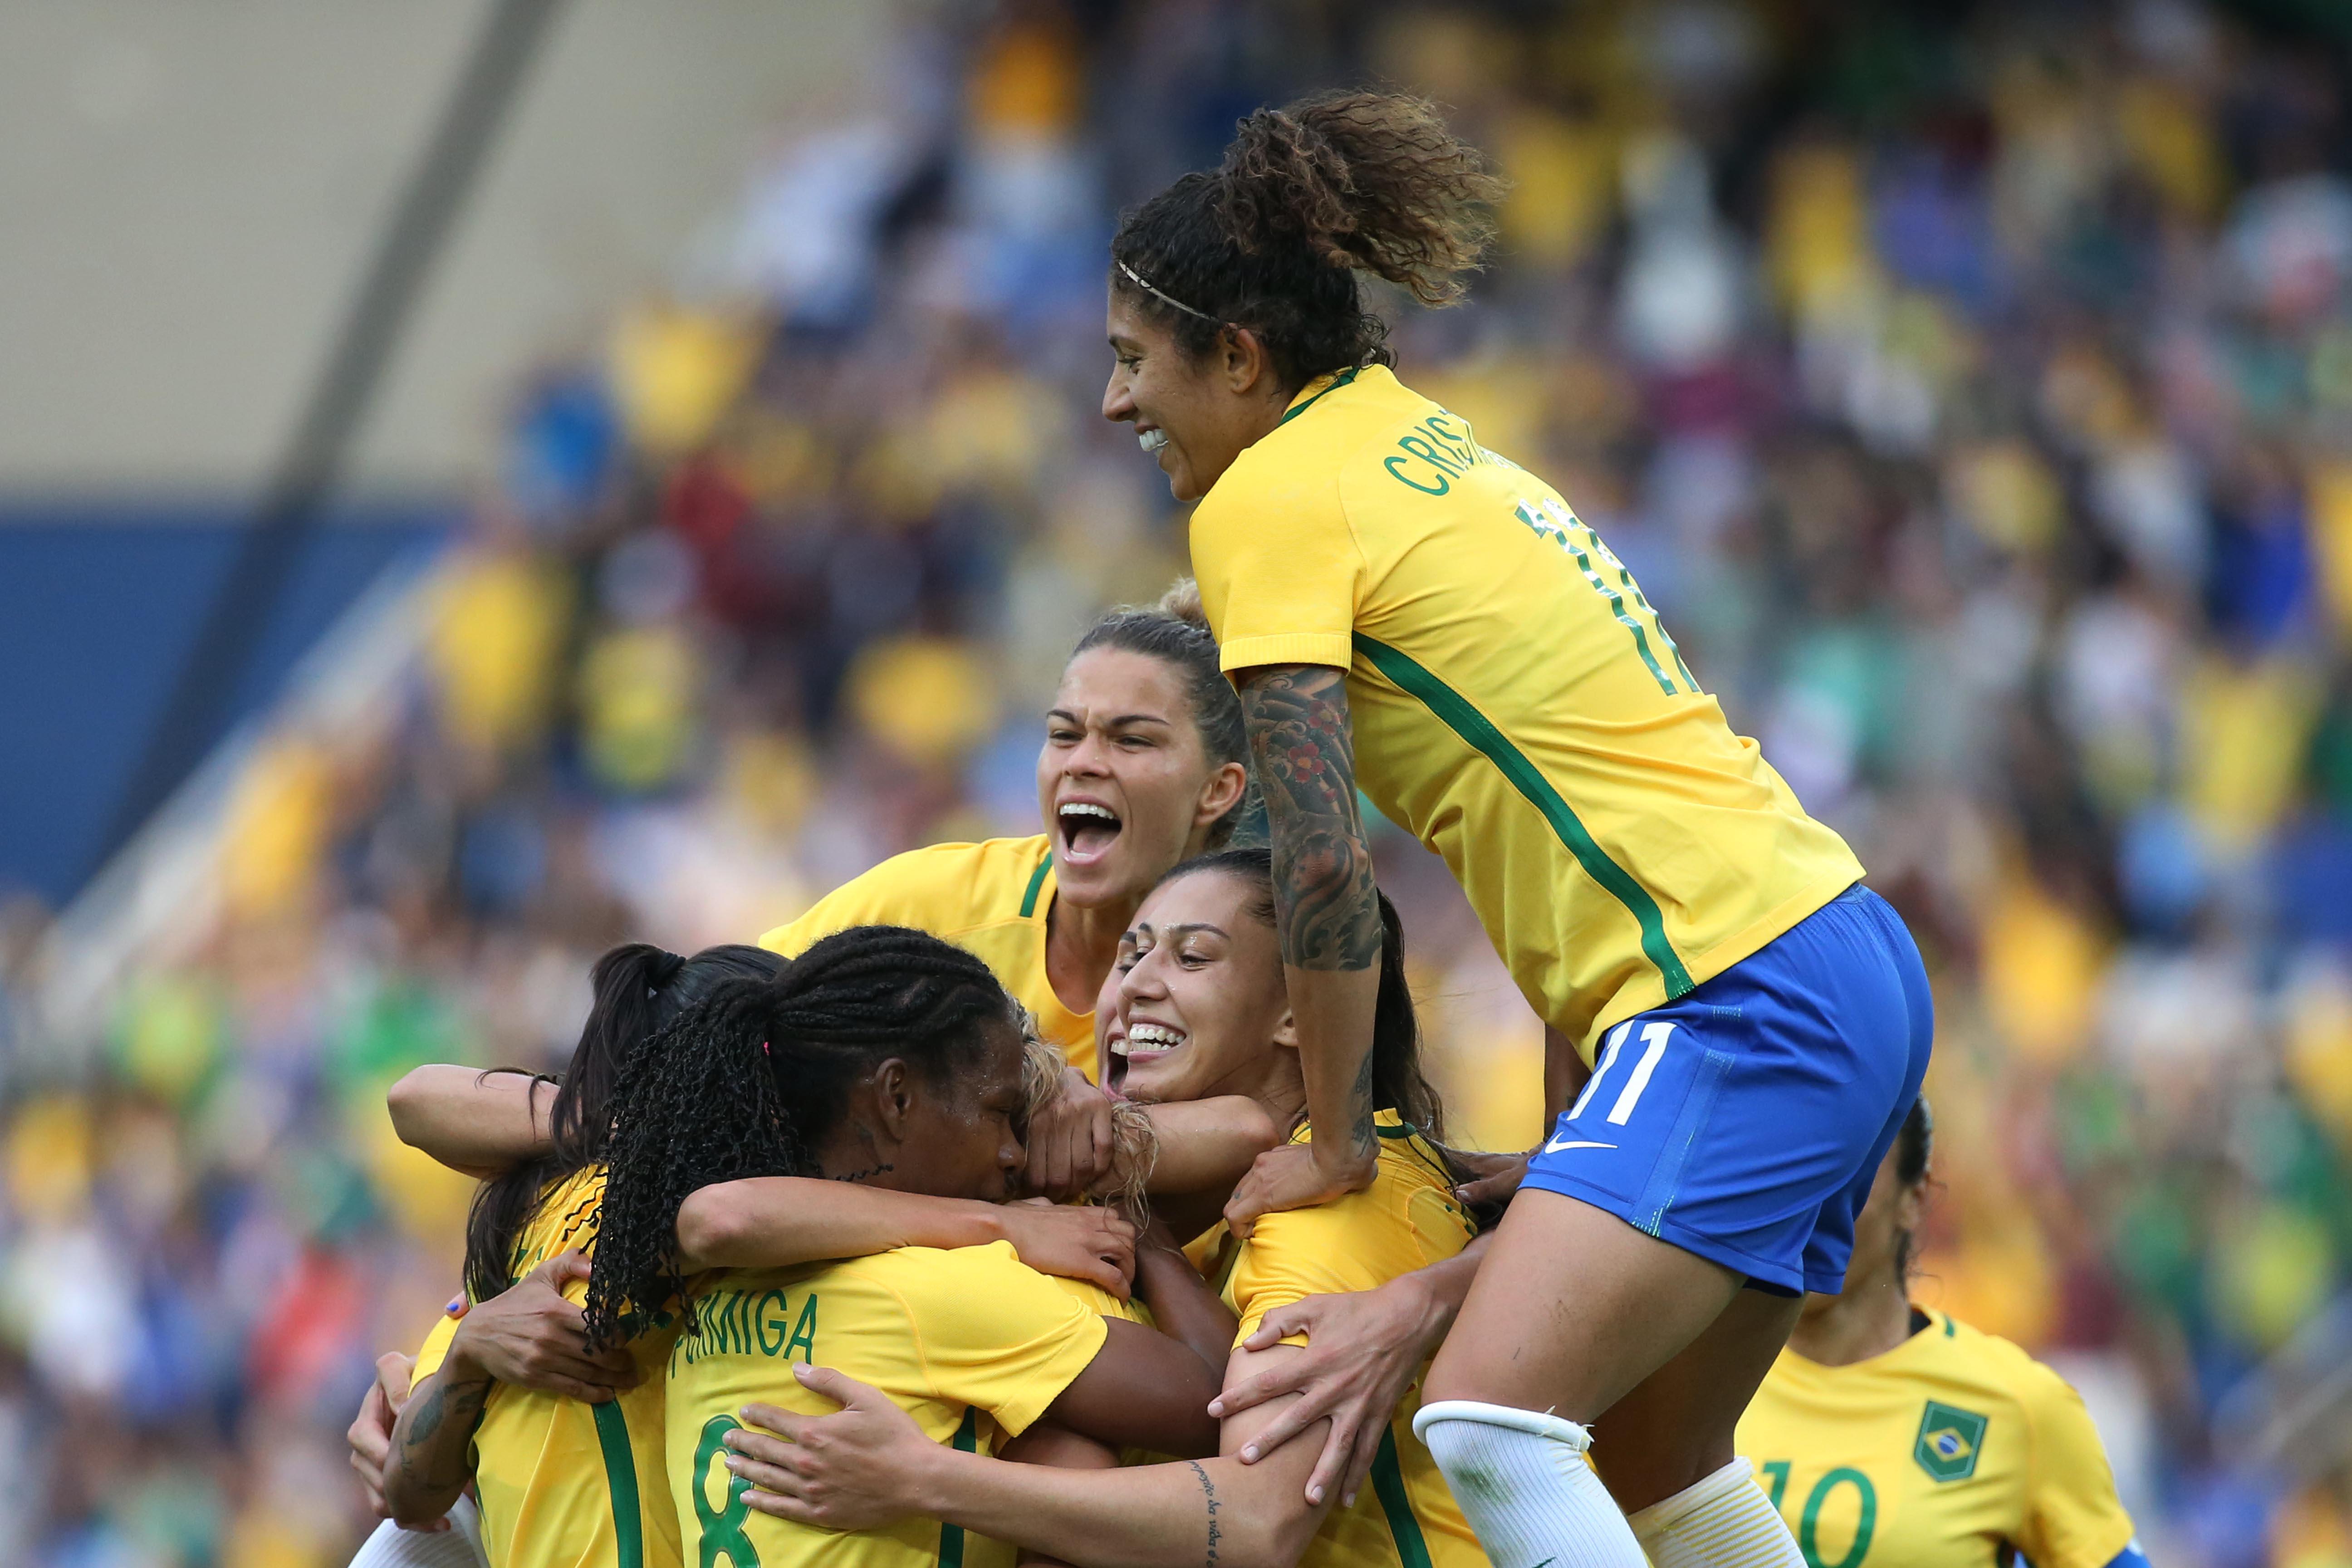 Seleção feminina se mantém invicta em estreias de Jogos Olímpicos ... c8062914ea068